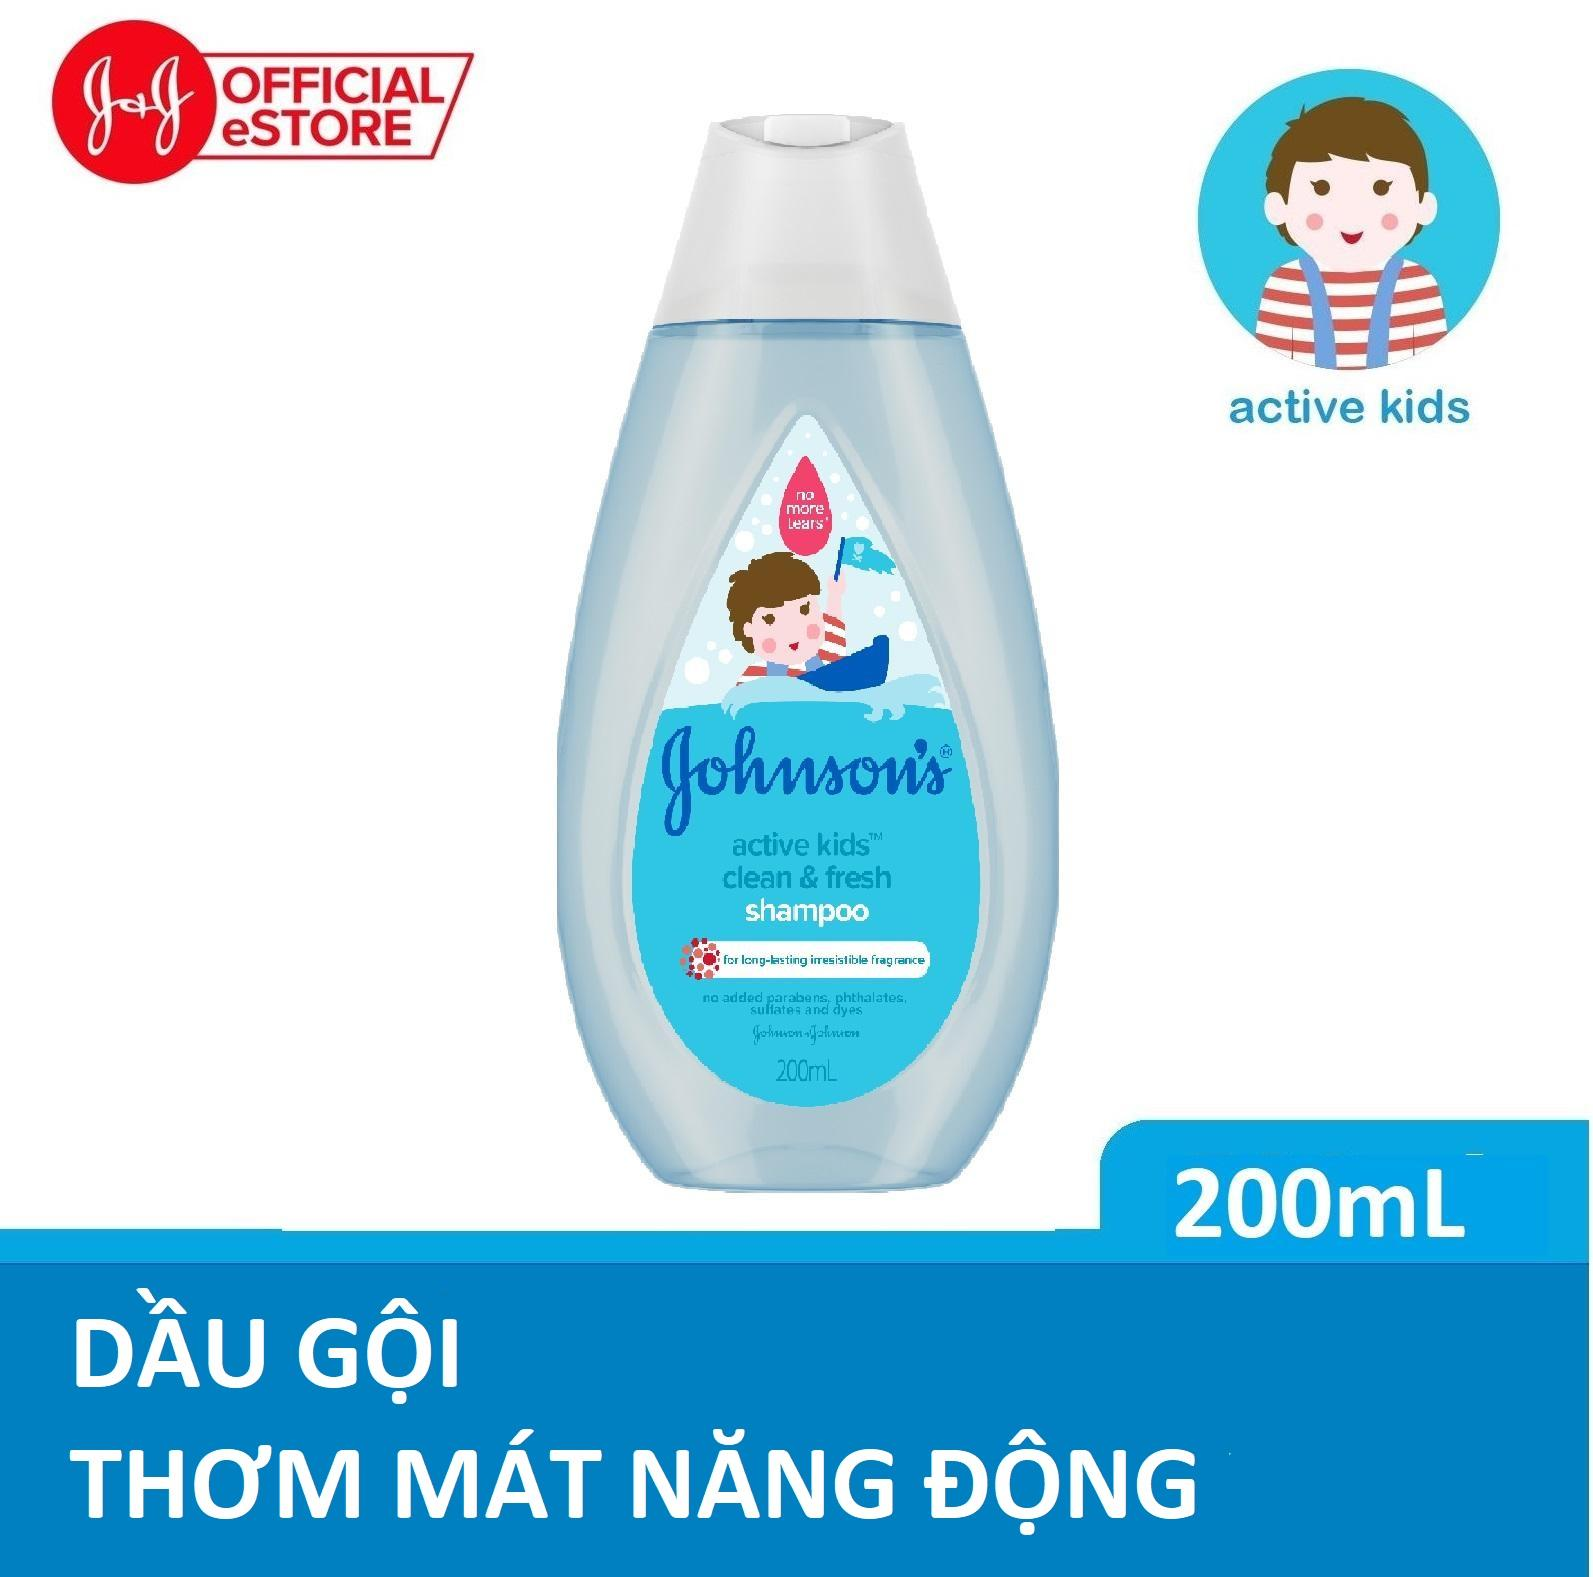 Offer Ưu Đãi Dầu Gội Johnson's Thơm Mát Năng động 200ml-100979998